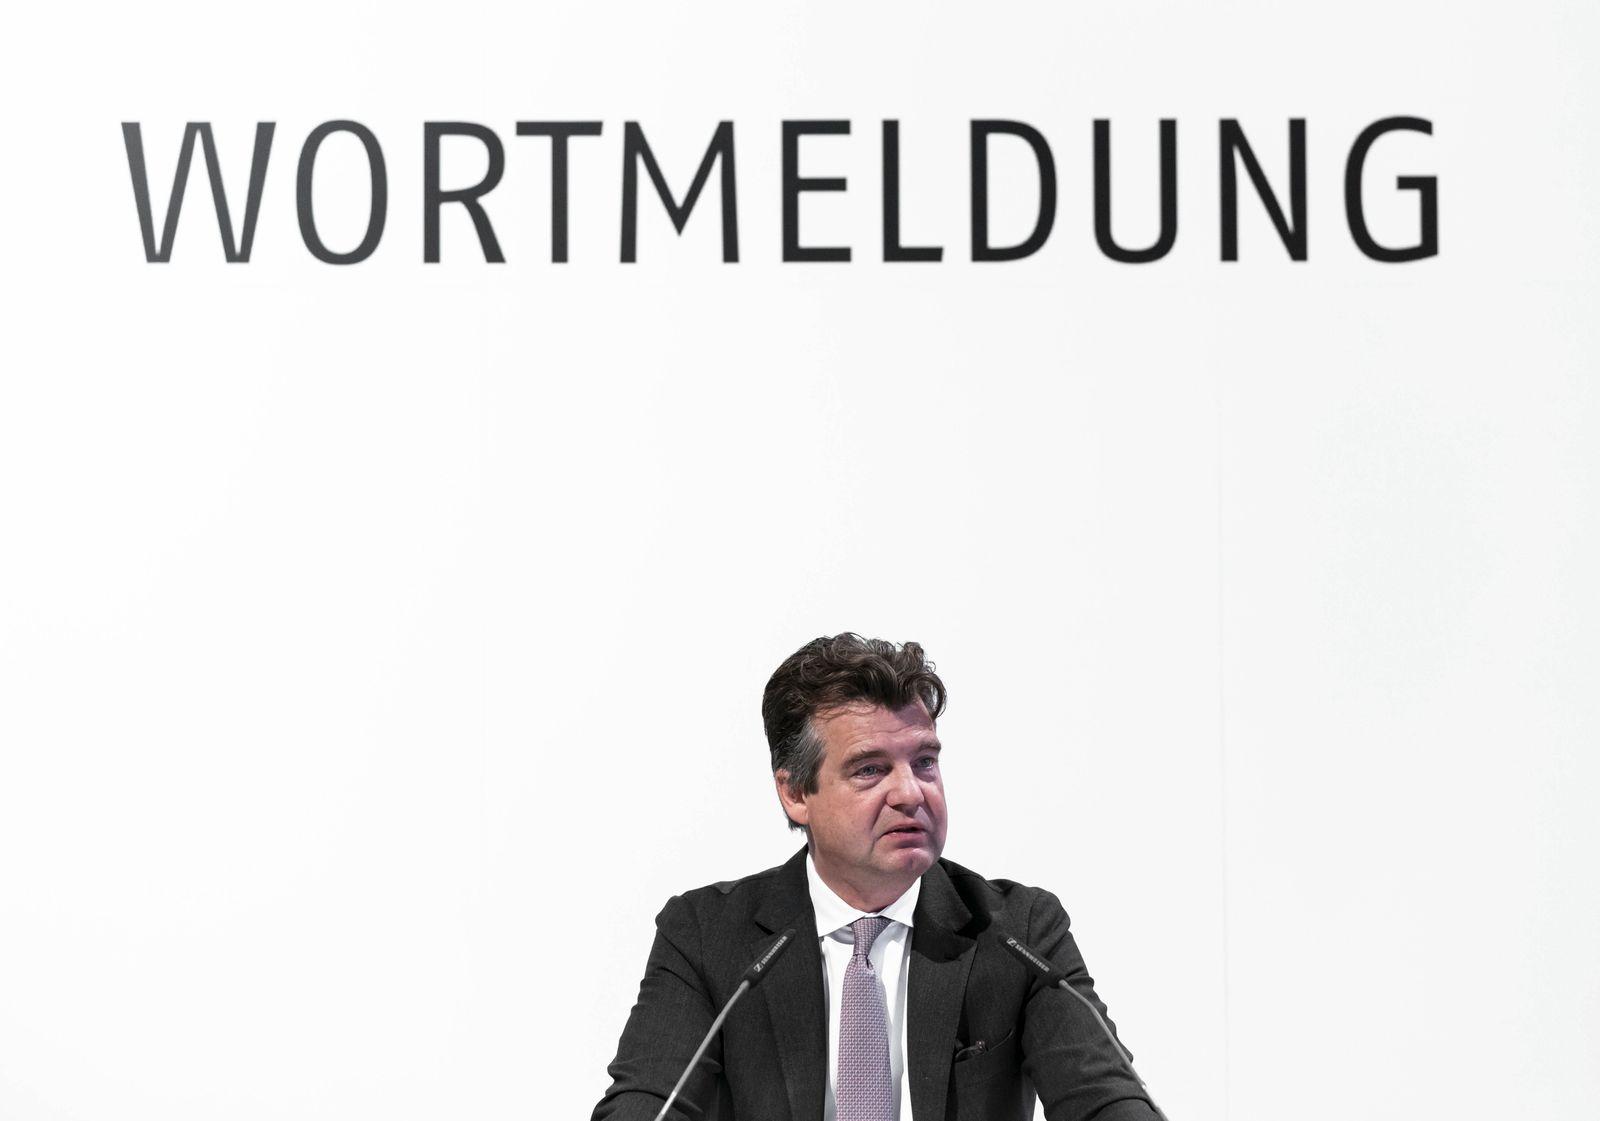 Marc T¸ngler Hauptgesch?ftsf¸hrer der DSW bei seinem Wortbeitrag K?ln Messe K?ln NRW Deutschland ***